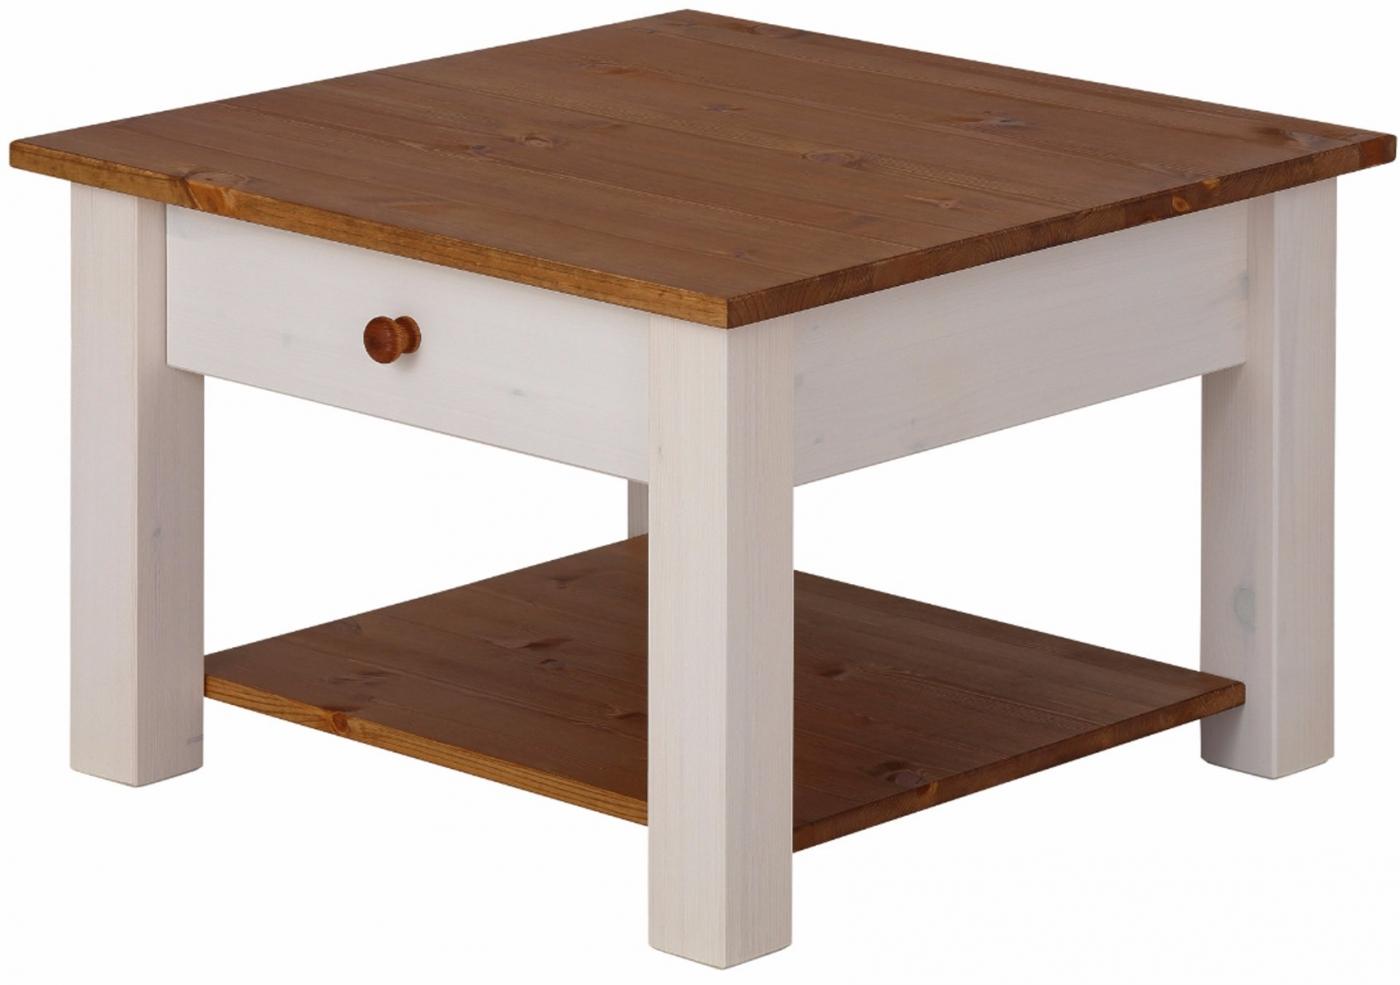 Konferenční stolek Chico, 60 cm, bílá / borovice